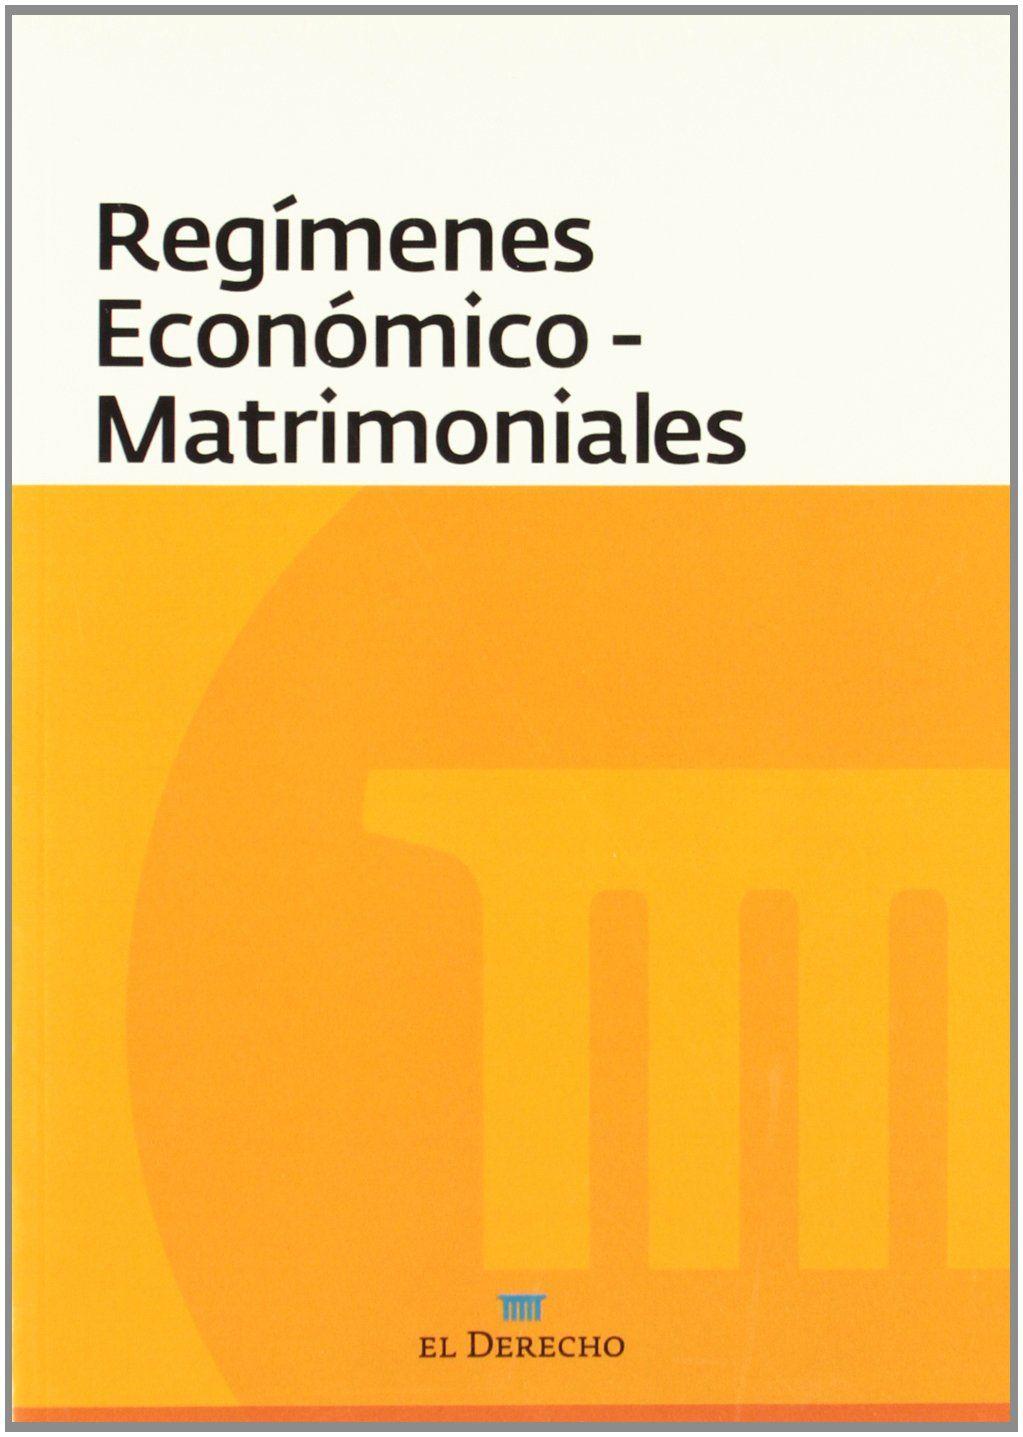 Regímenes económico-matrimoniales. - 2010 | Derechos